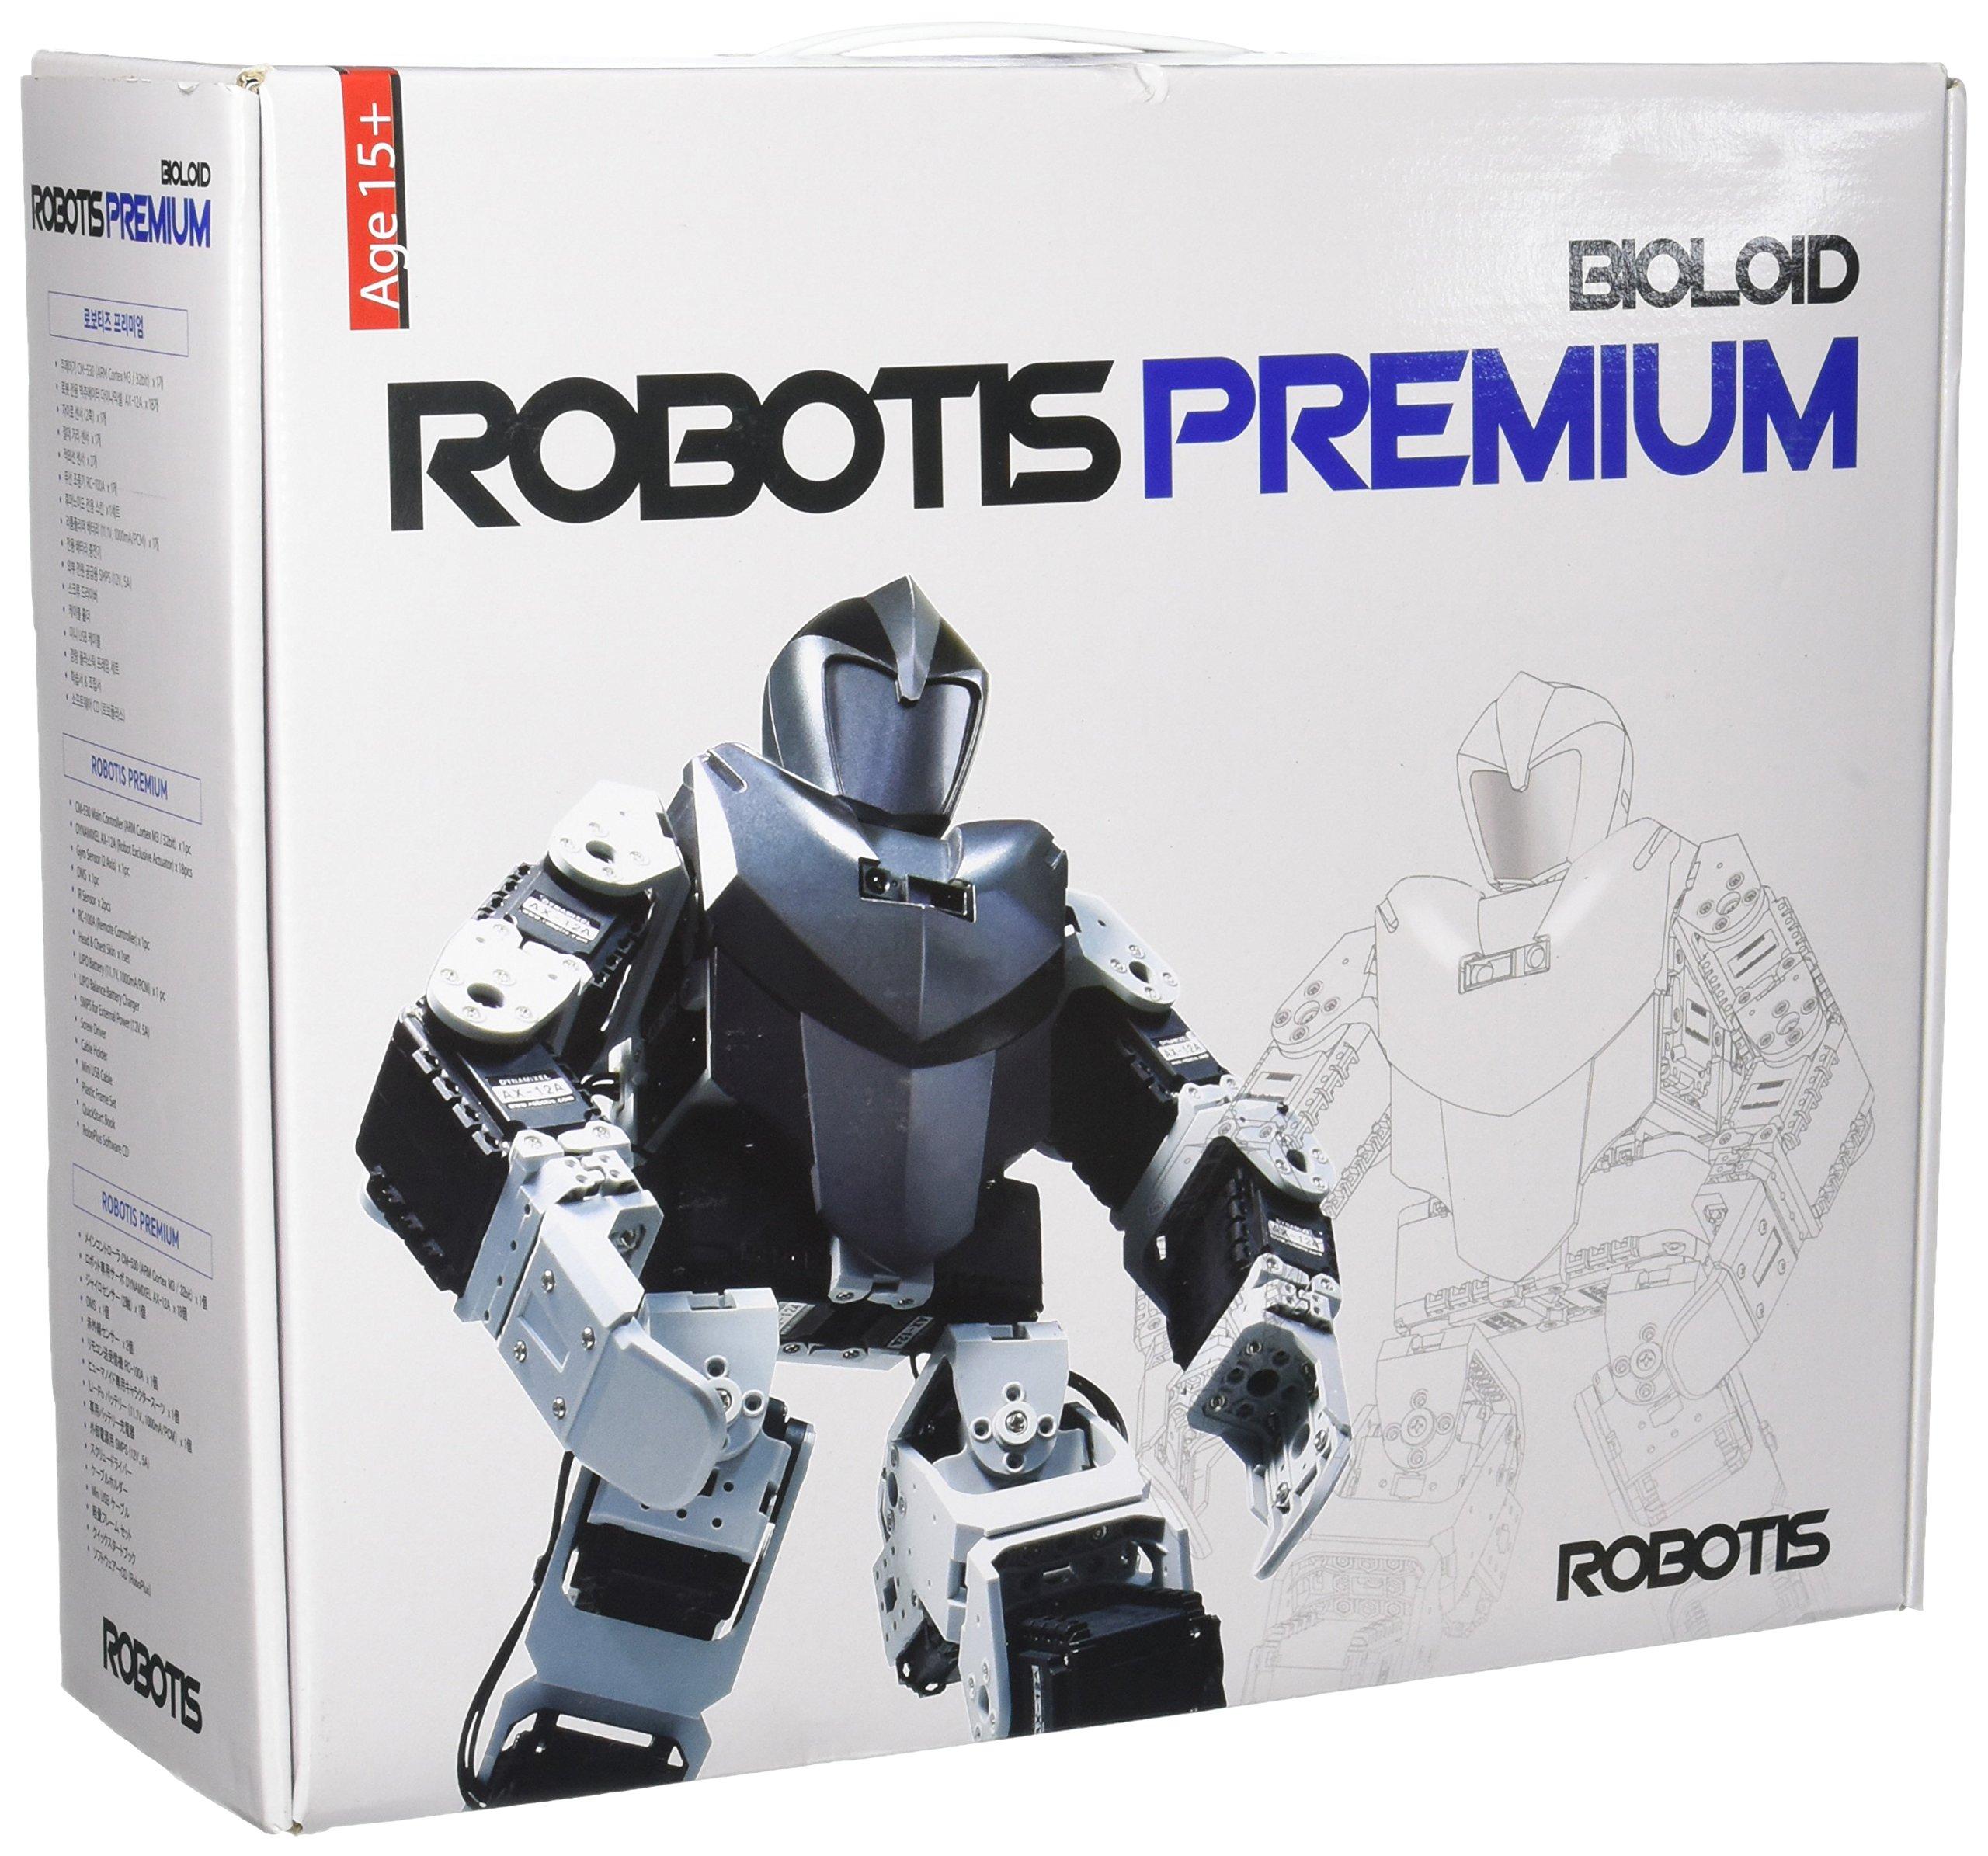 ROBOTIS BIODLOID Premium